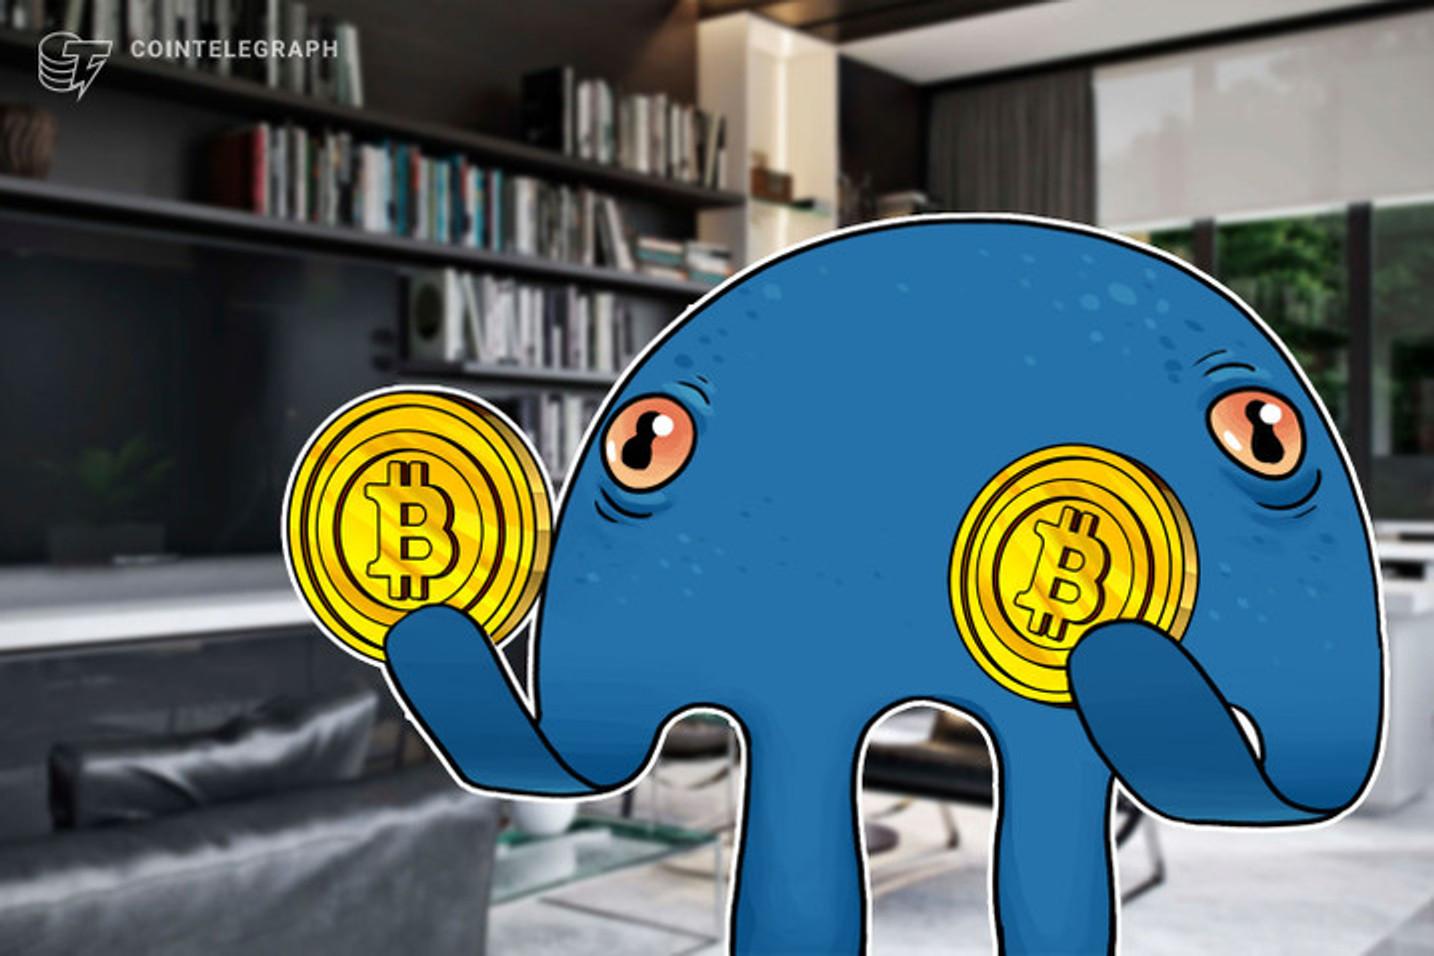 仮想通貨業界初の「銀行」設立へ クラーケンが発表